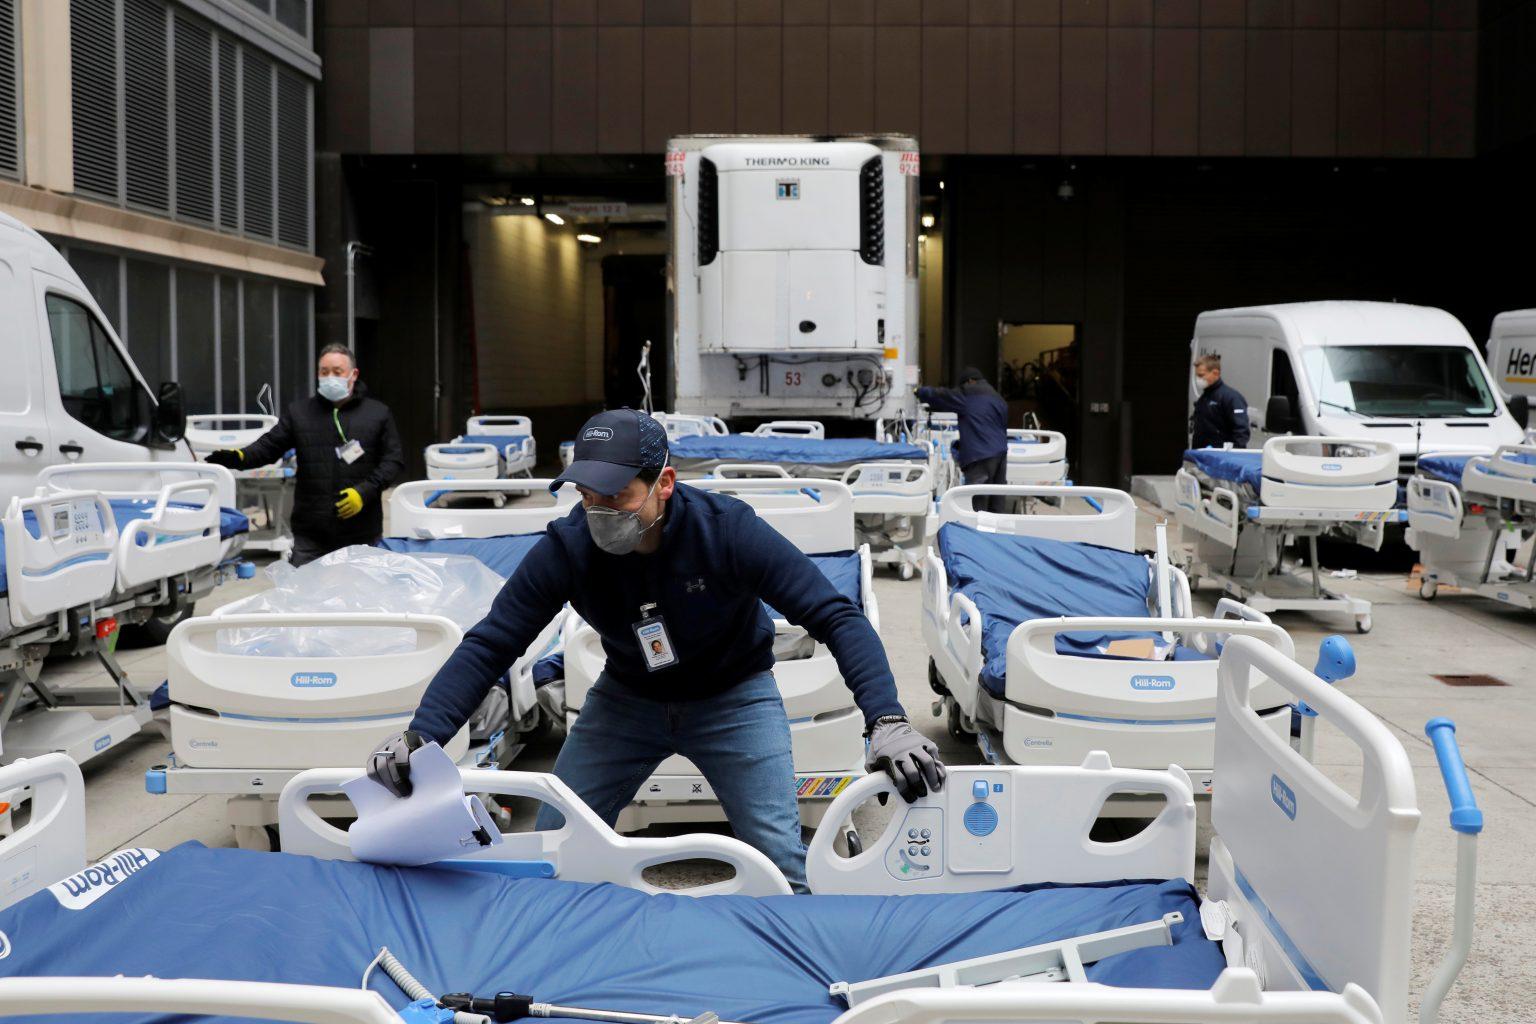 Mỹ ghi nhận số ca nhiễm Covid-19 tăng kỷ lục trong một ngày